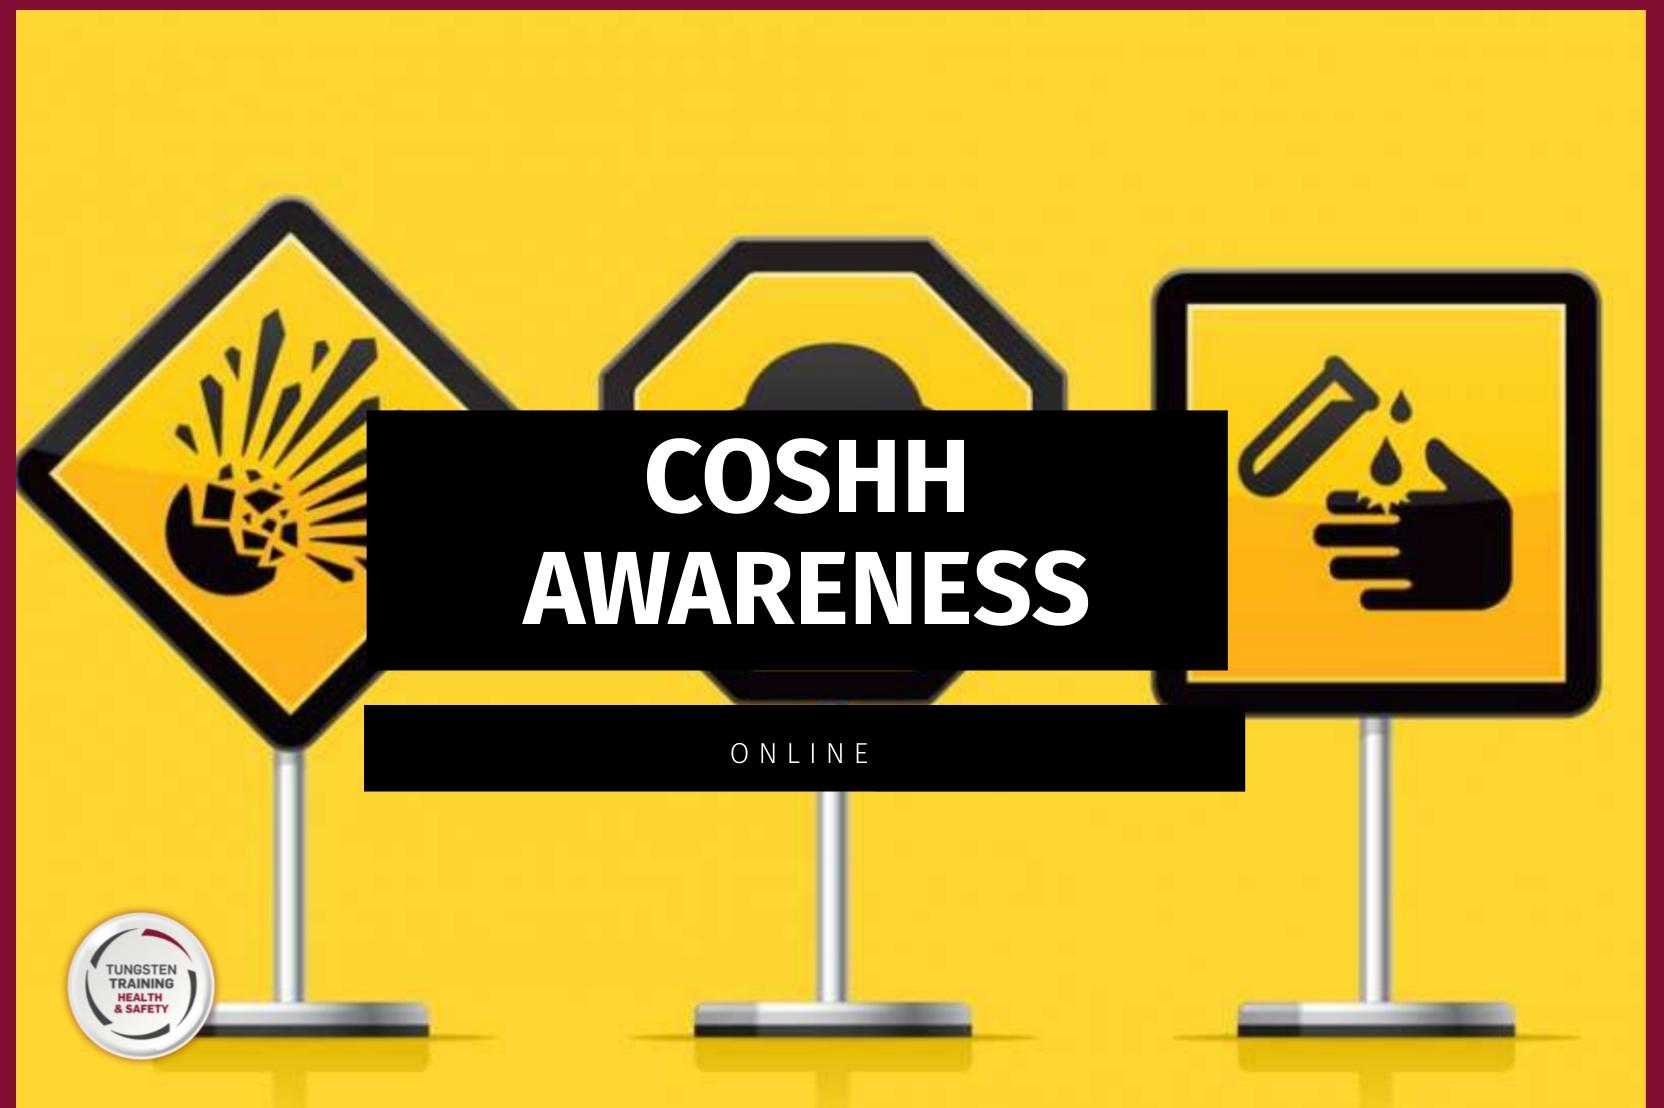 COSHH-AWARNESS.jpg